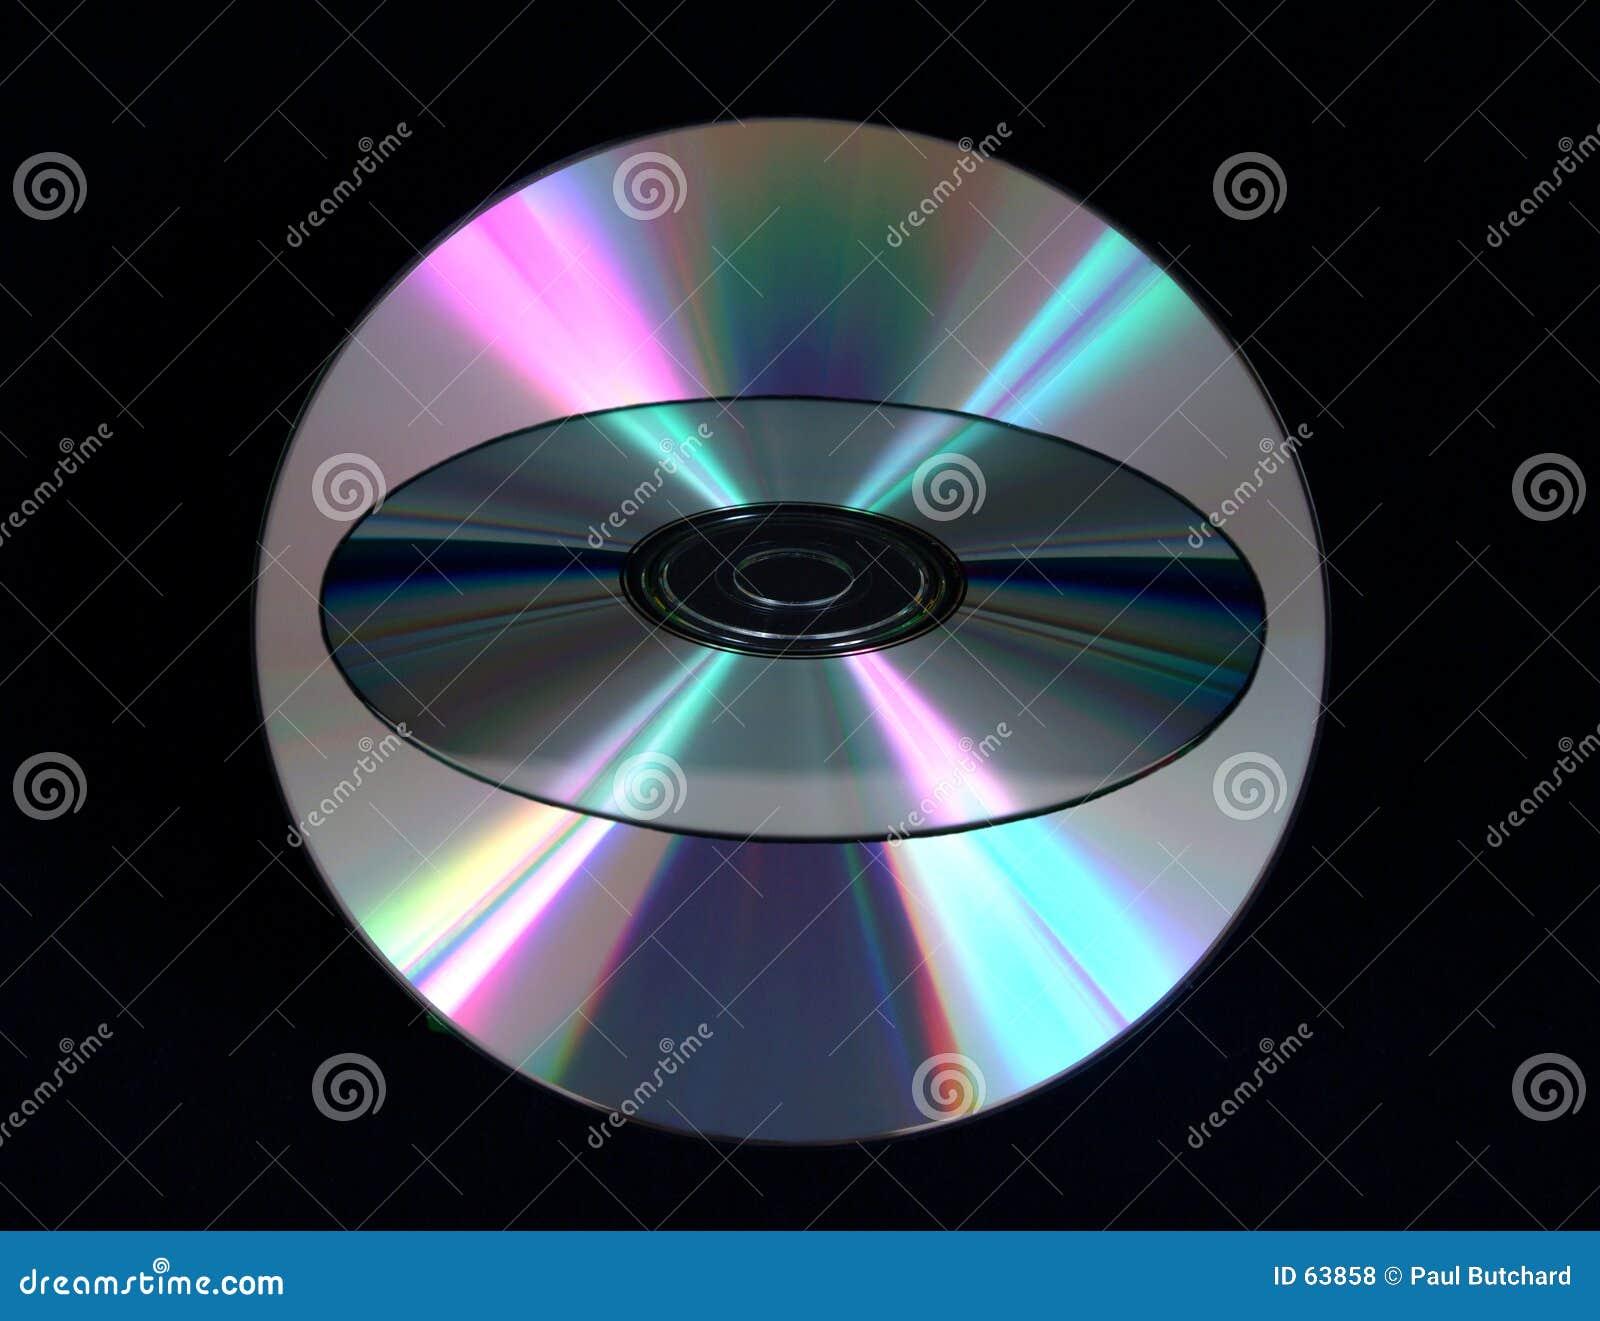 Folha de prova do disco compacto